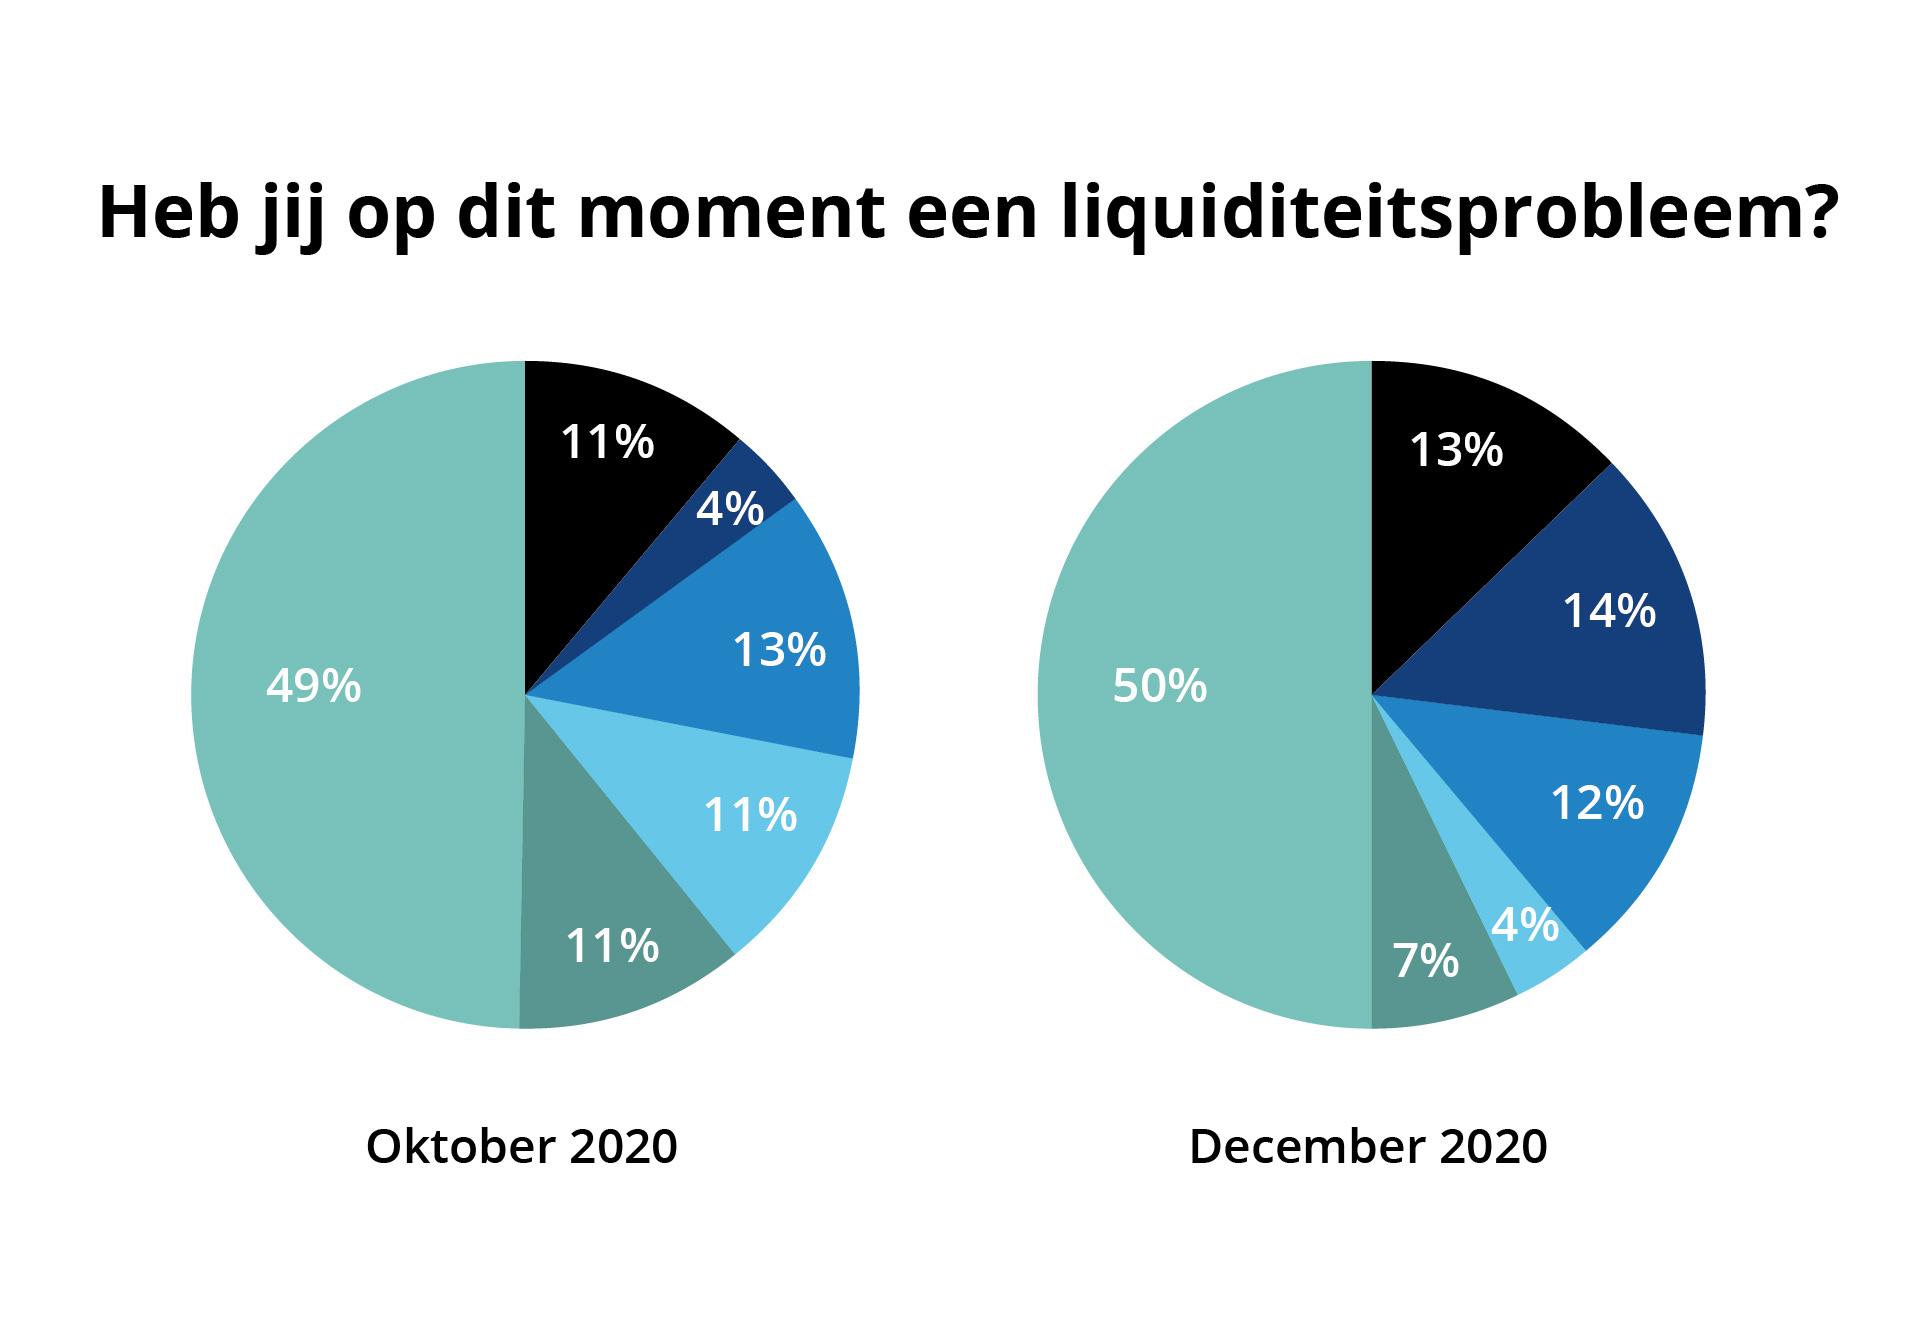 Uitslag peiling 5: 45% van mkb bedrijven wil ondanks tweede corona golf gaan investeren, 27% in liquiditeitsproblemen